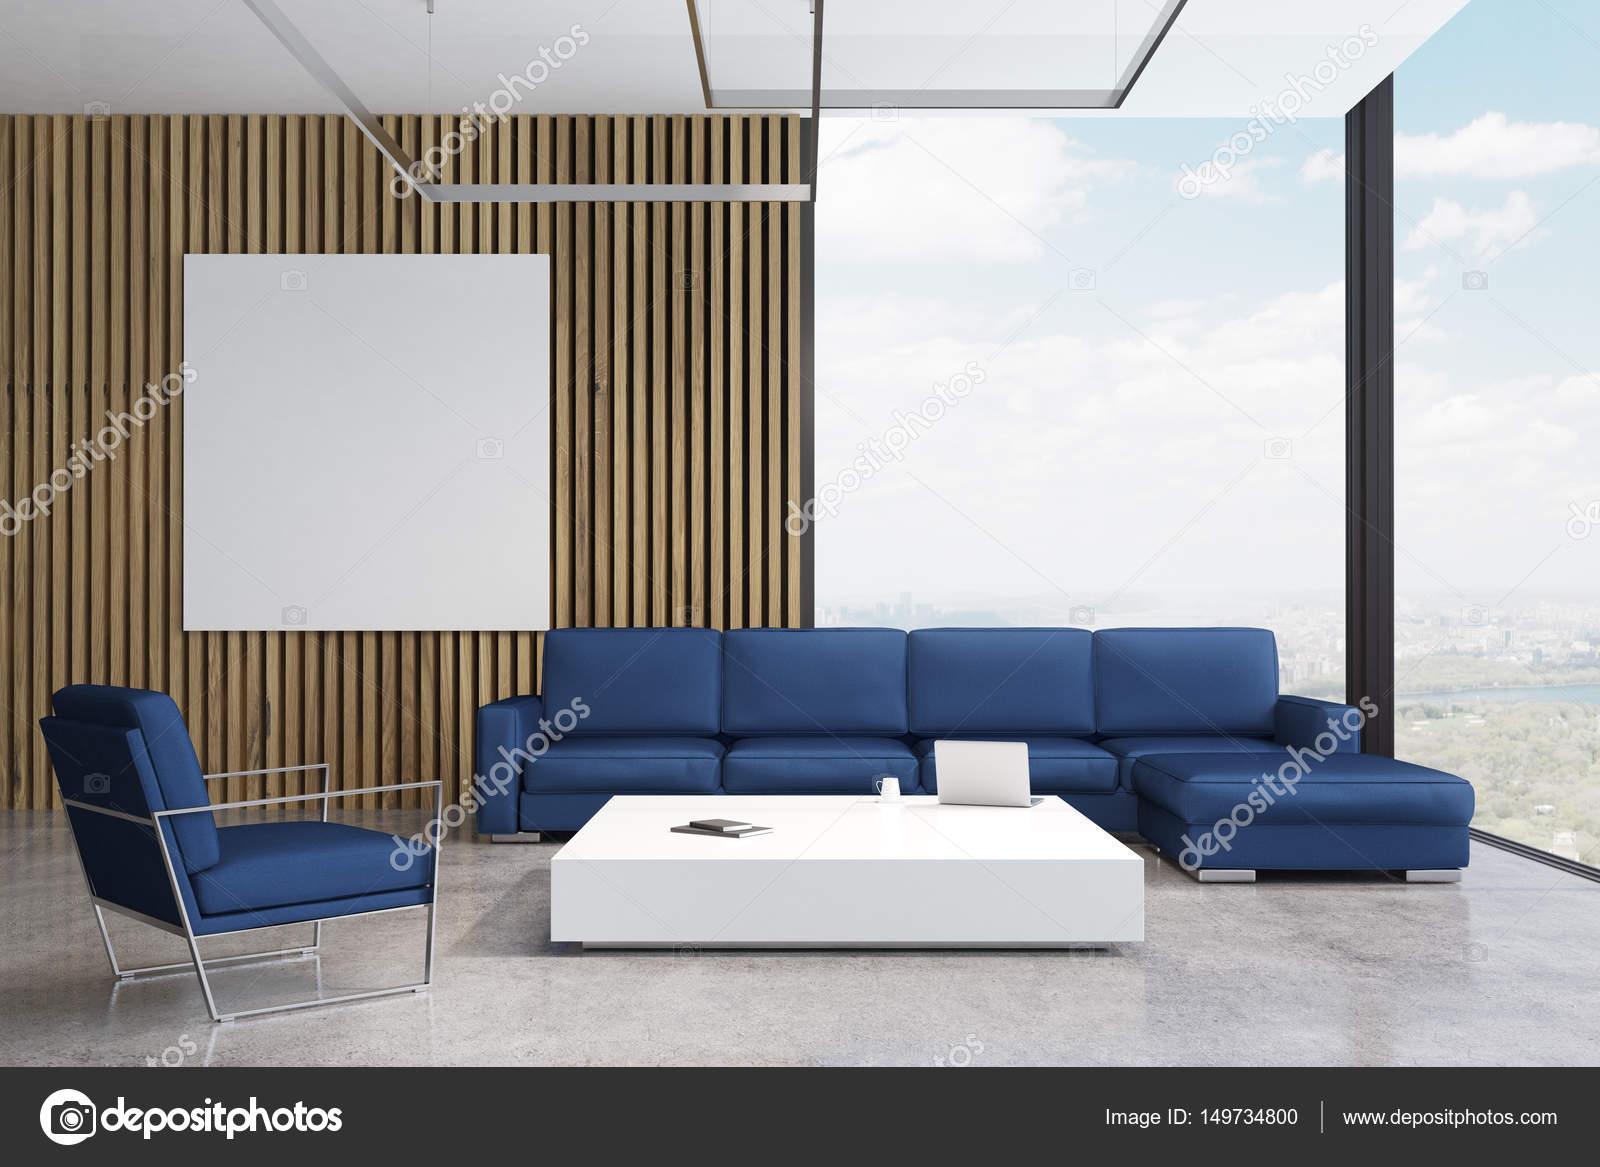 Blaues Sofa Wohnzimmer Mit Poster Stockfoto C Denisismagilov